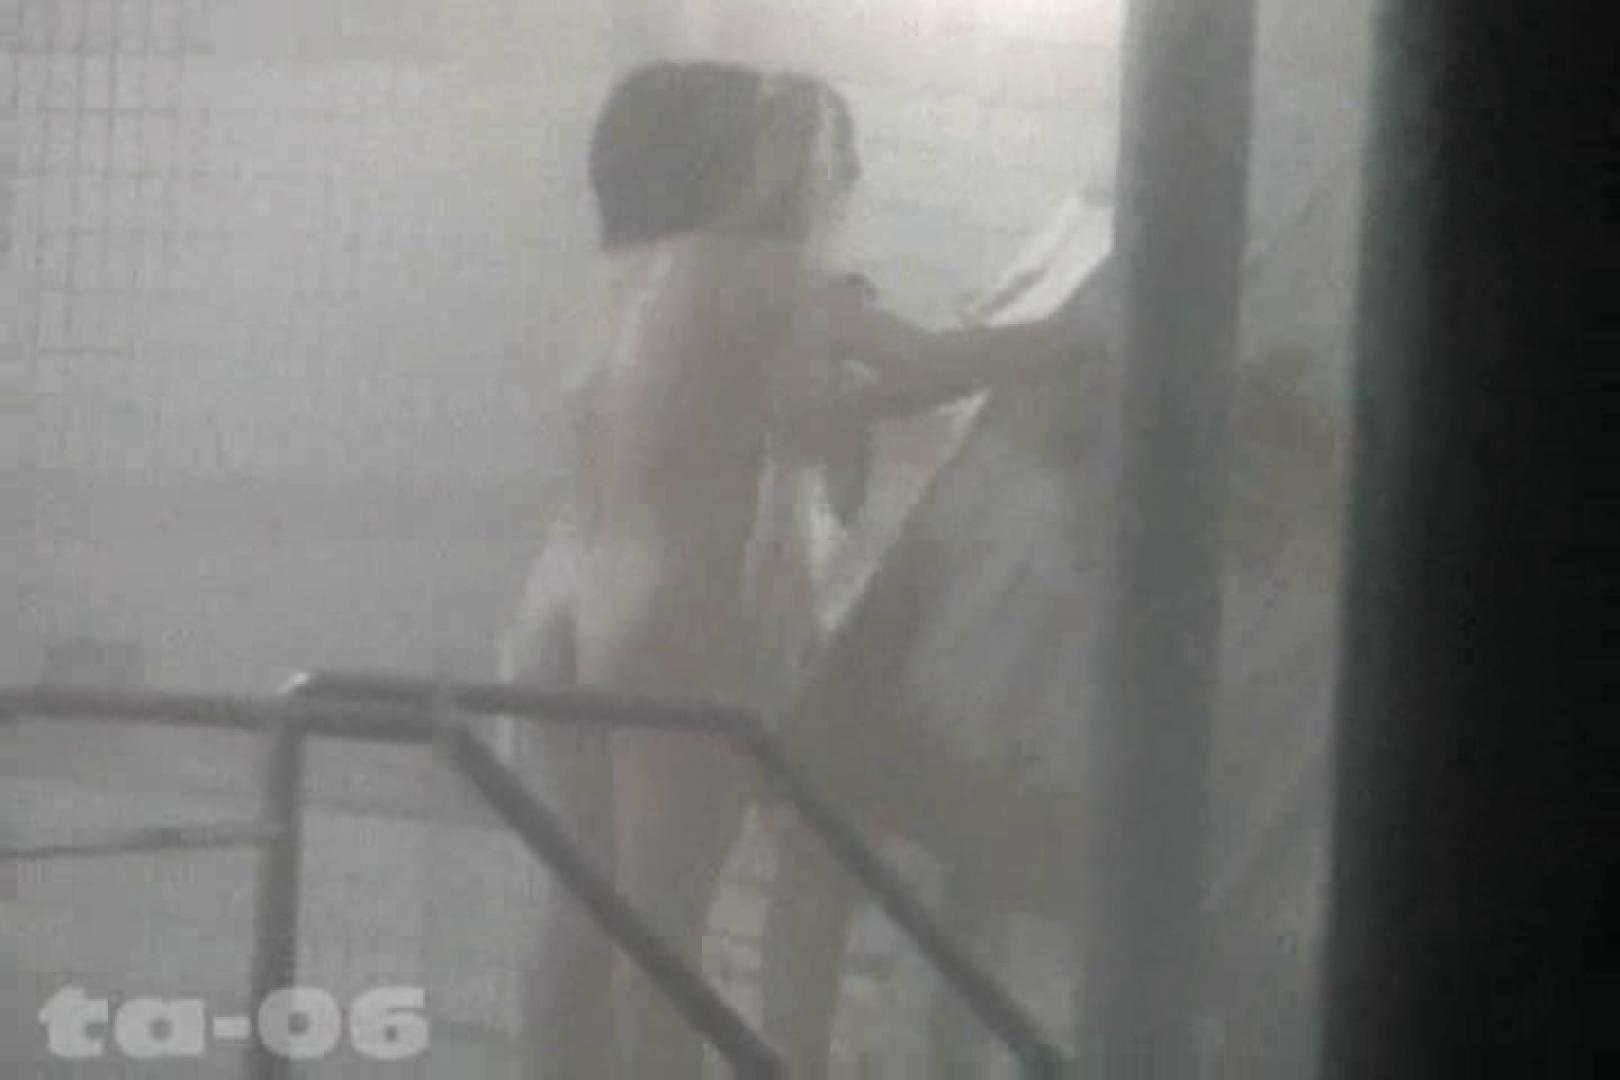 合宿ホテル女風呂盗撮高画質版 Vol.06 高画質 すけべAV動画紹介 69画像 2